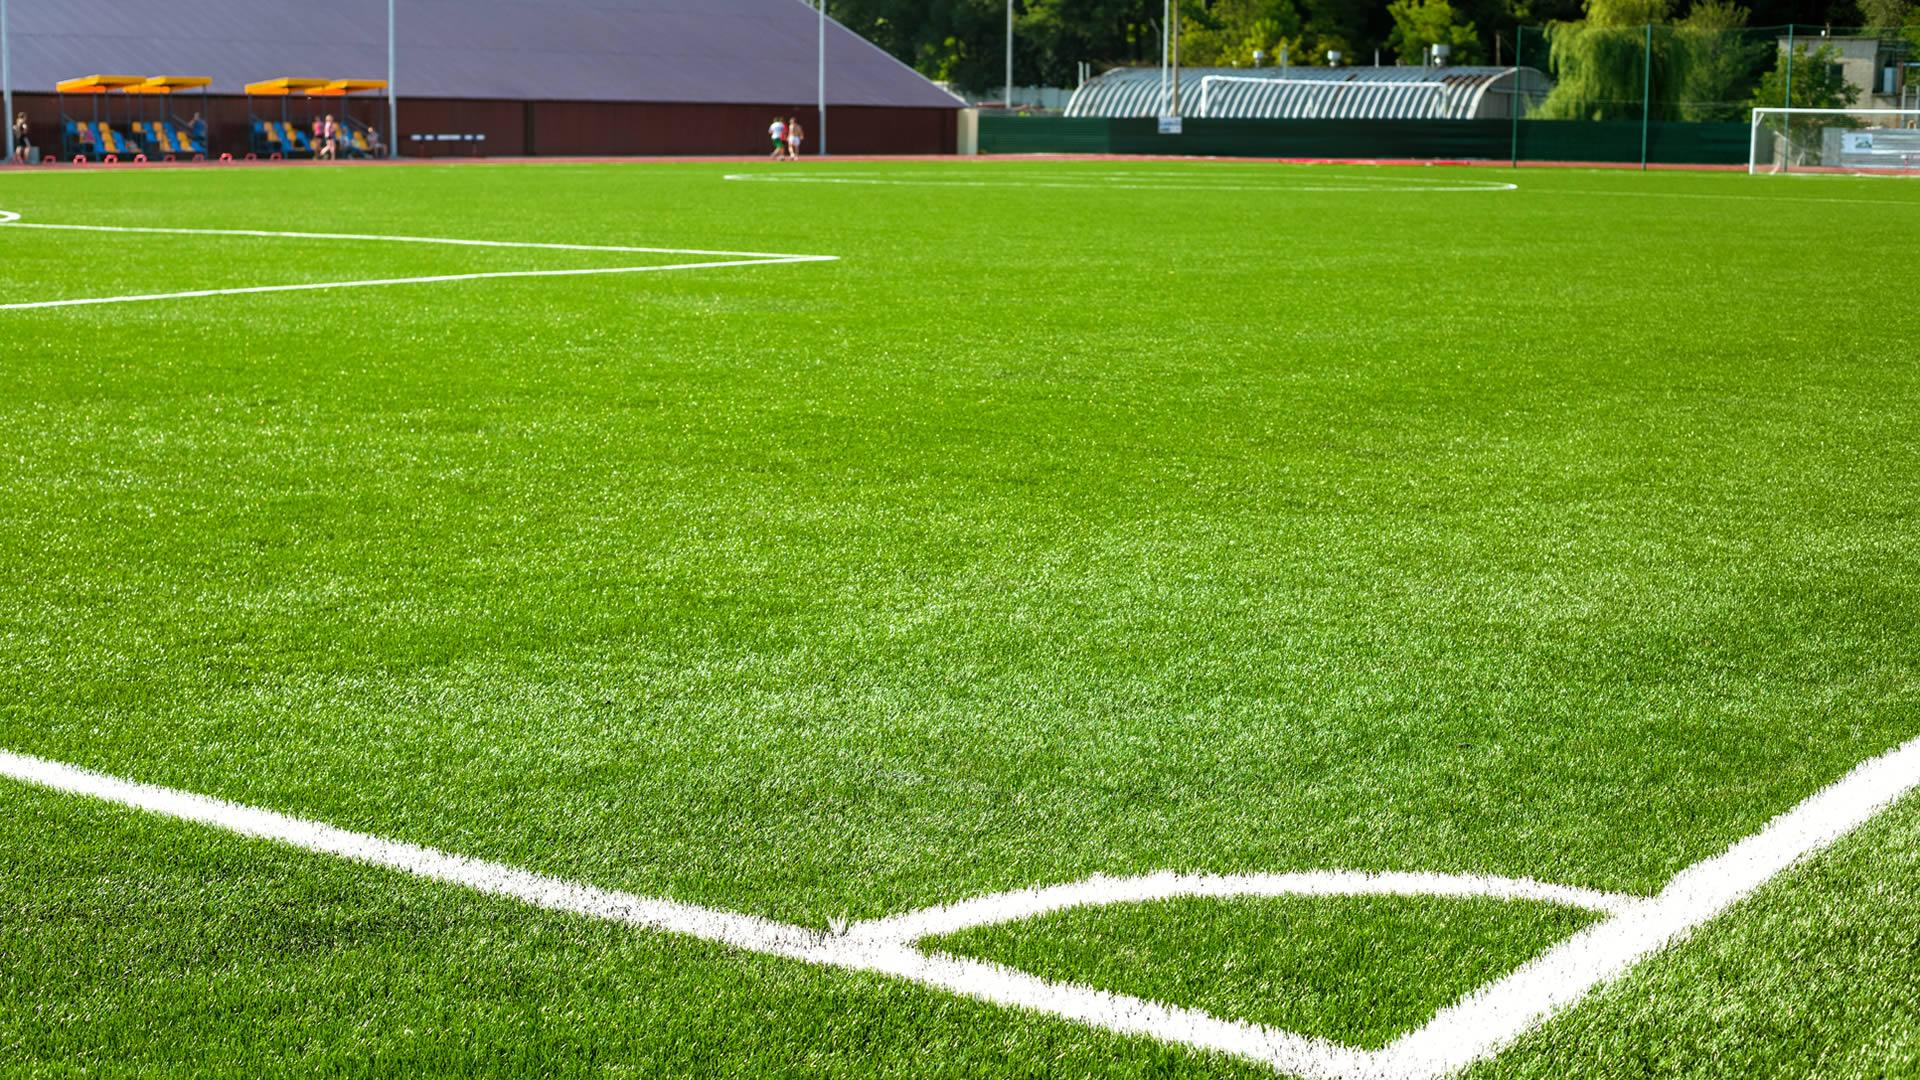 instalacion de campos deportivos lima peru